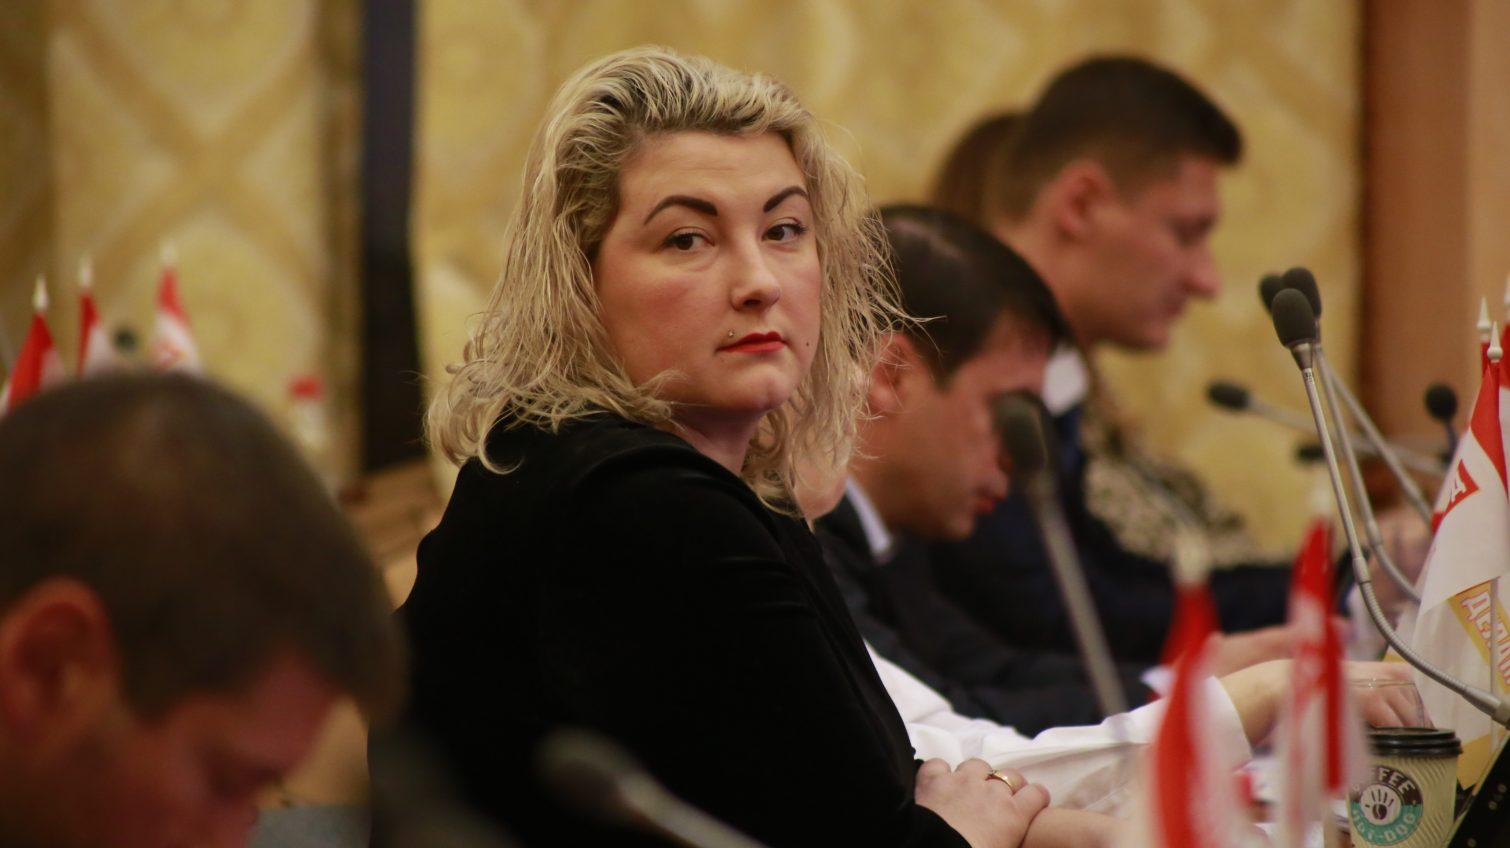 Депутата от партии мэра Одессы внесли на «Миротворец» – за «действия, направленные на распространение болезни» «фото»